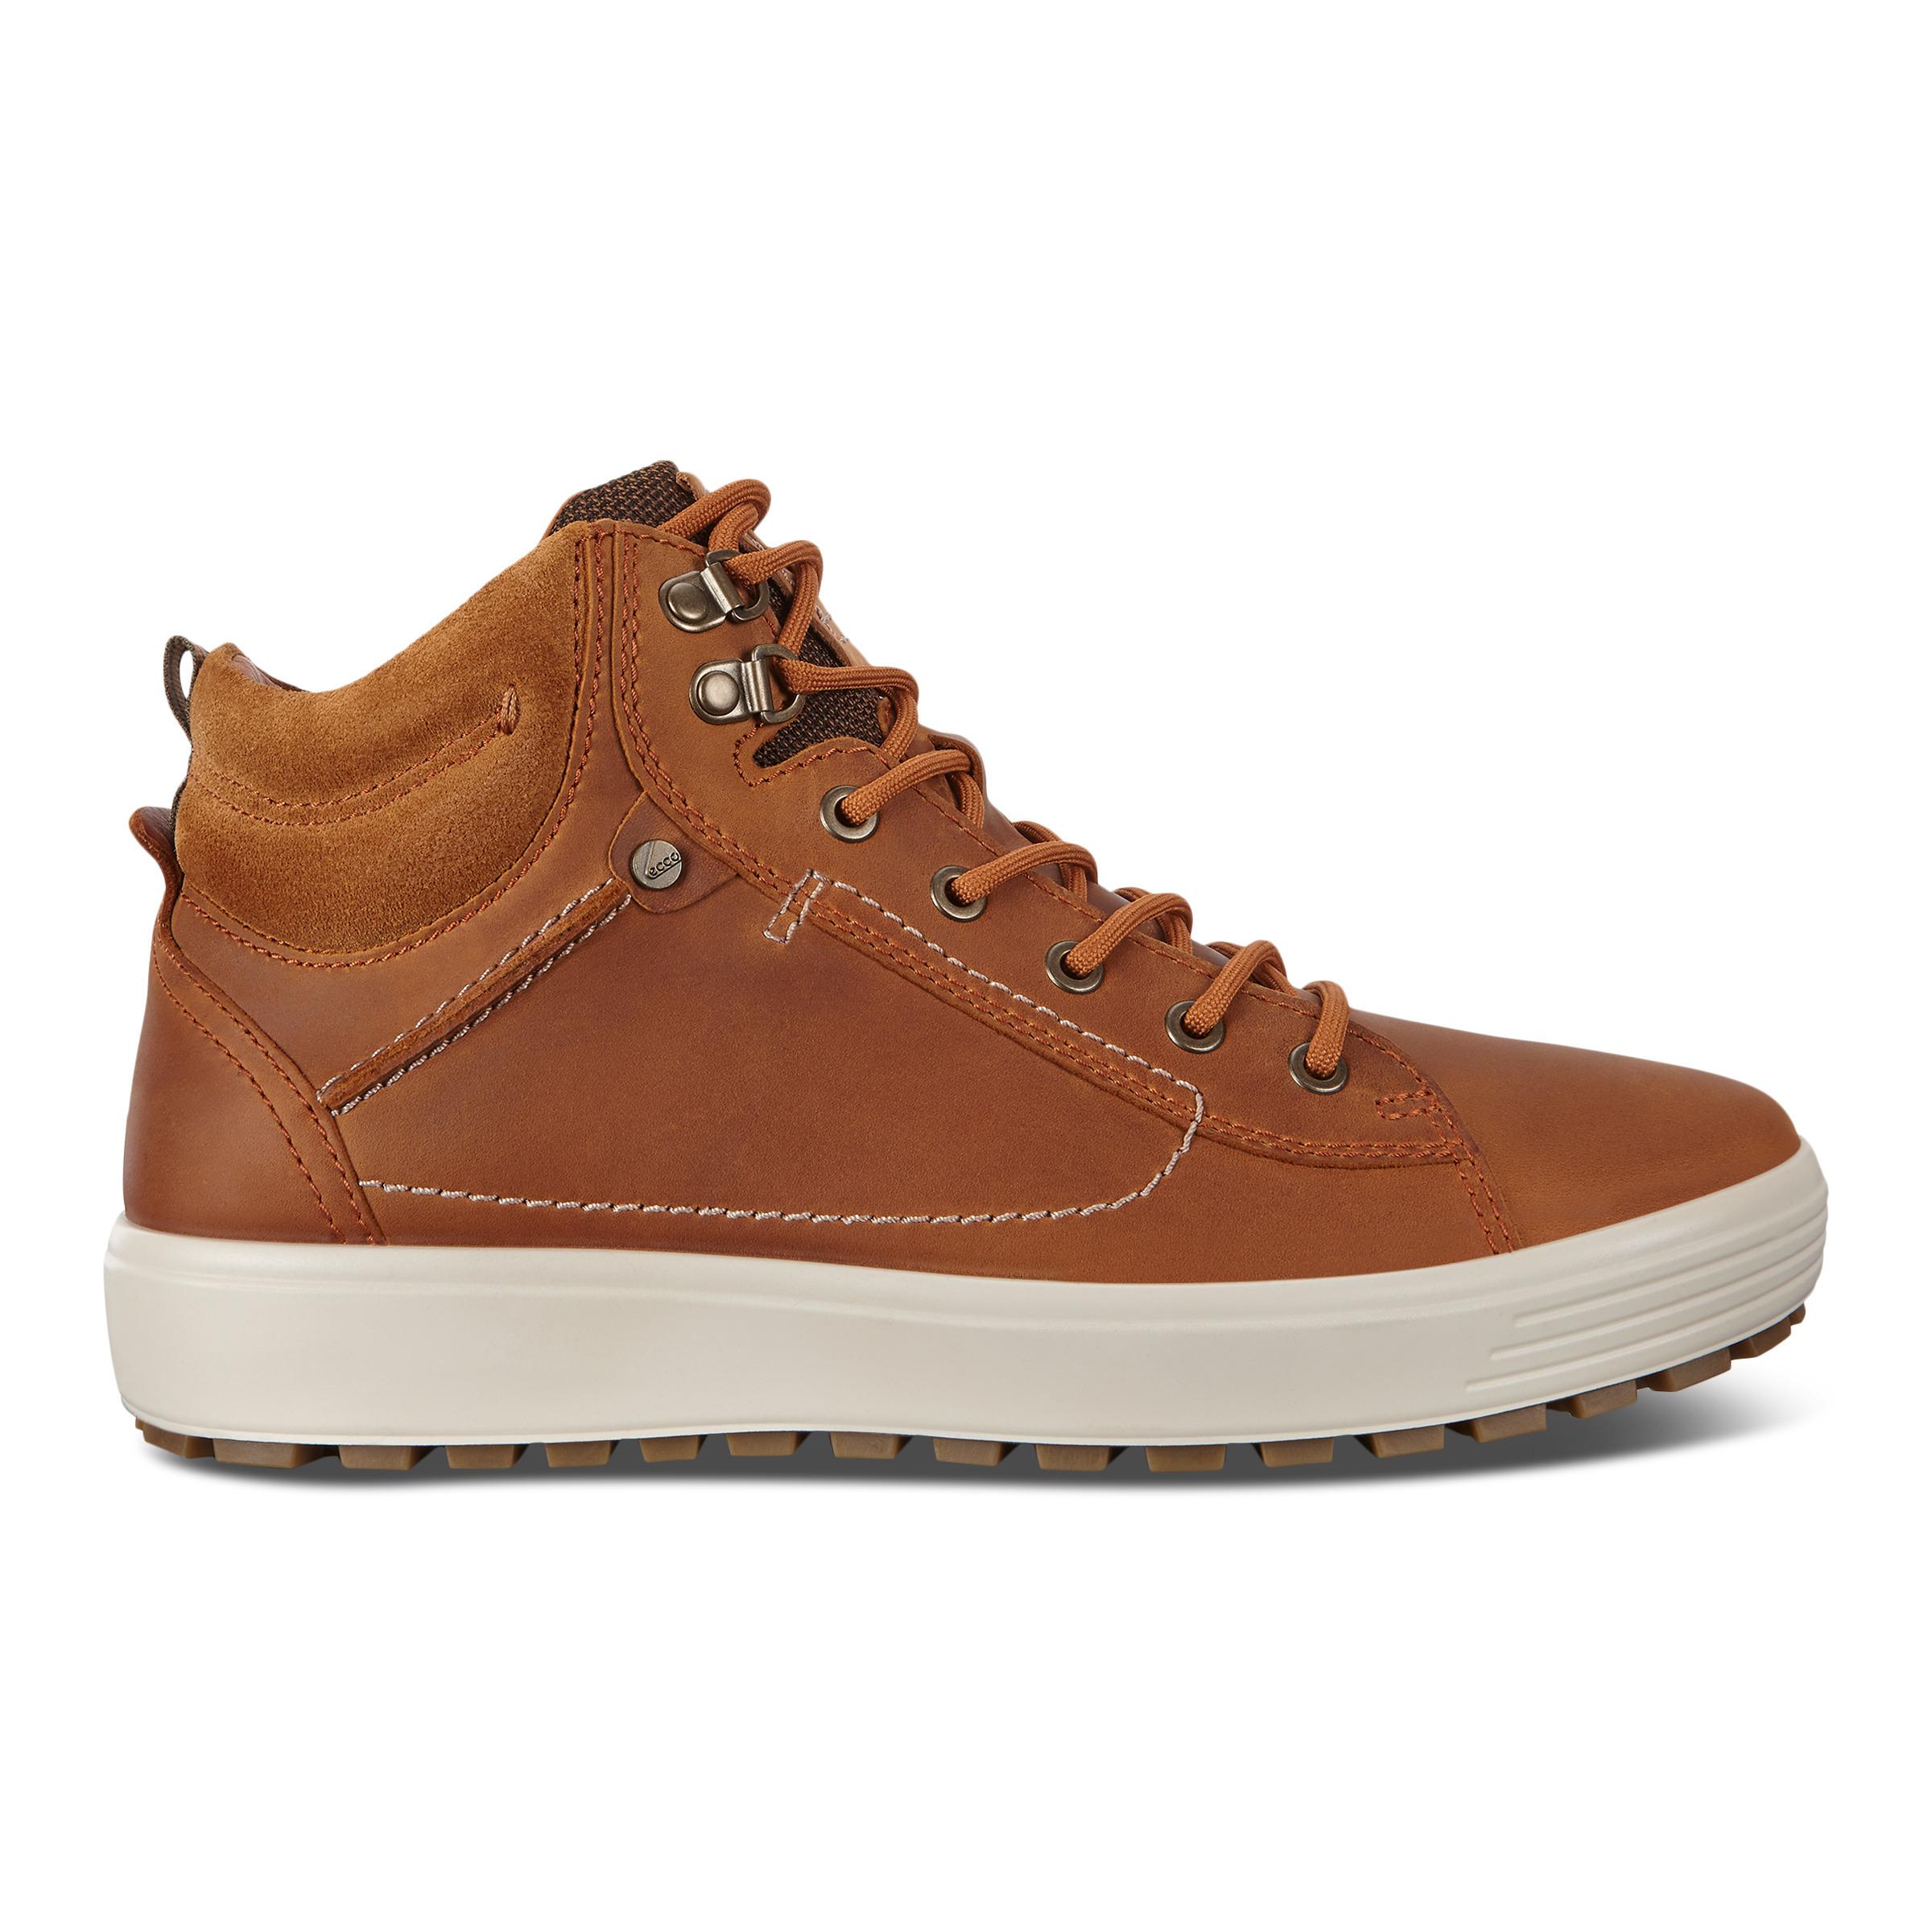 Pour Sur Chaussures Ecco® HommesAchetez Site Le Officiel TJcFK3l1